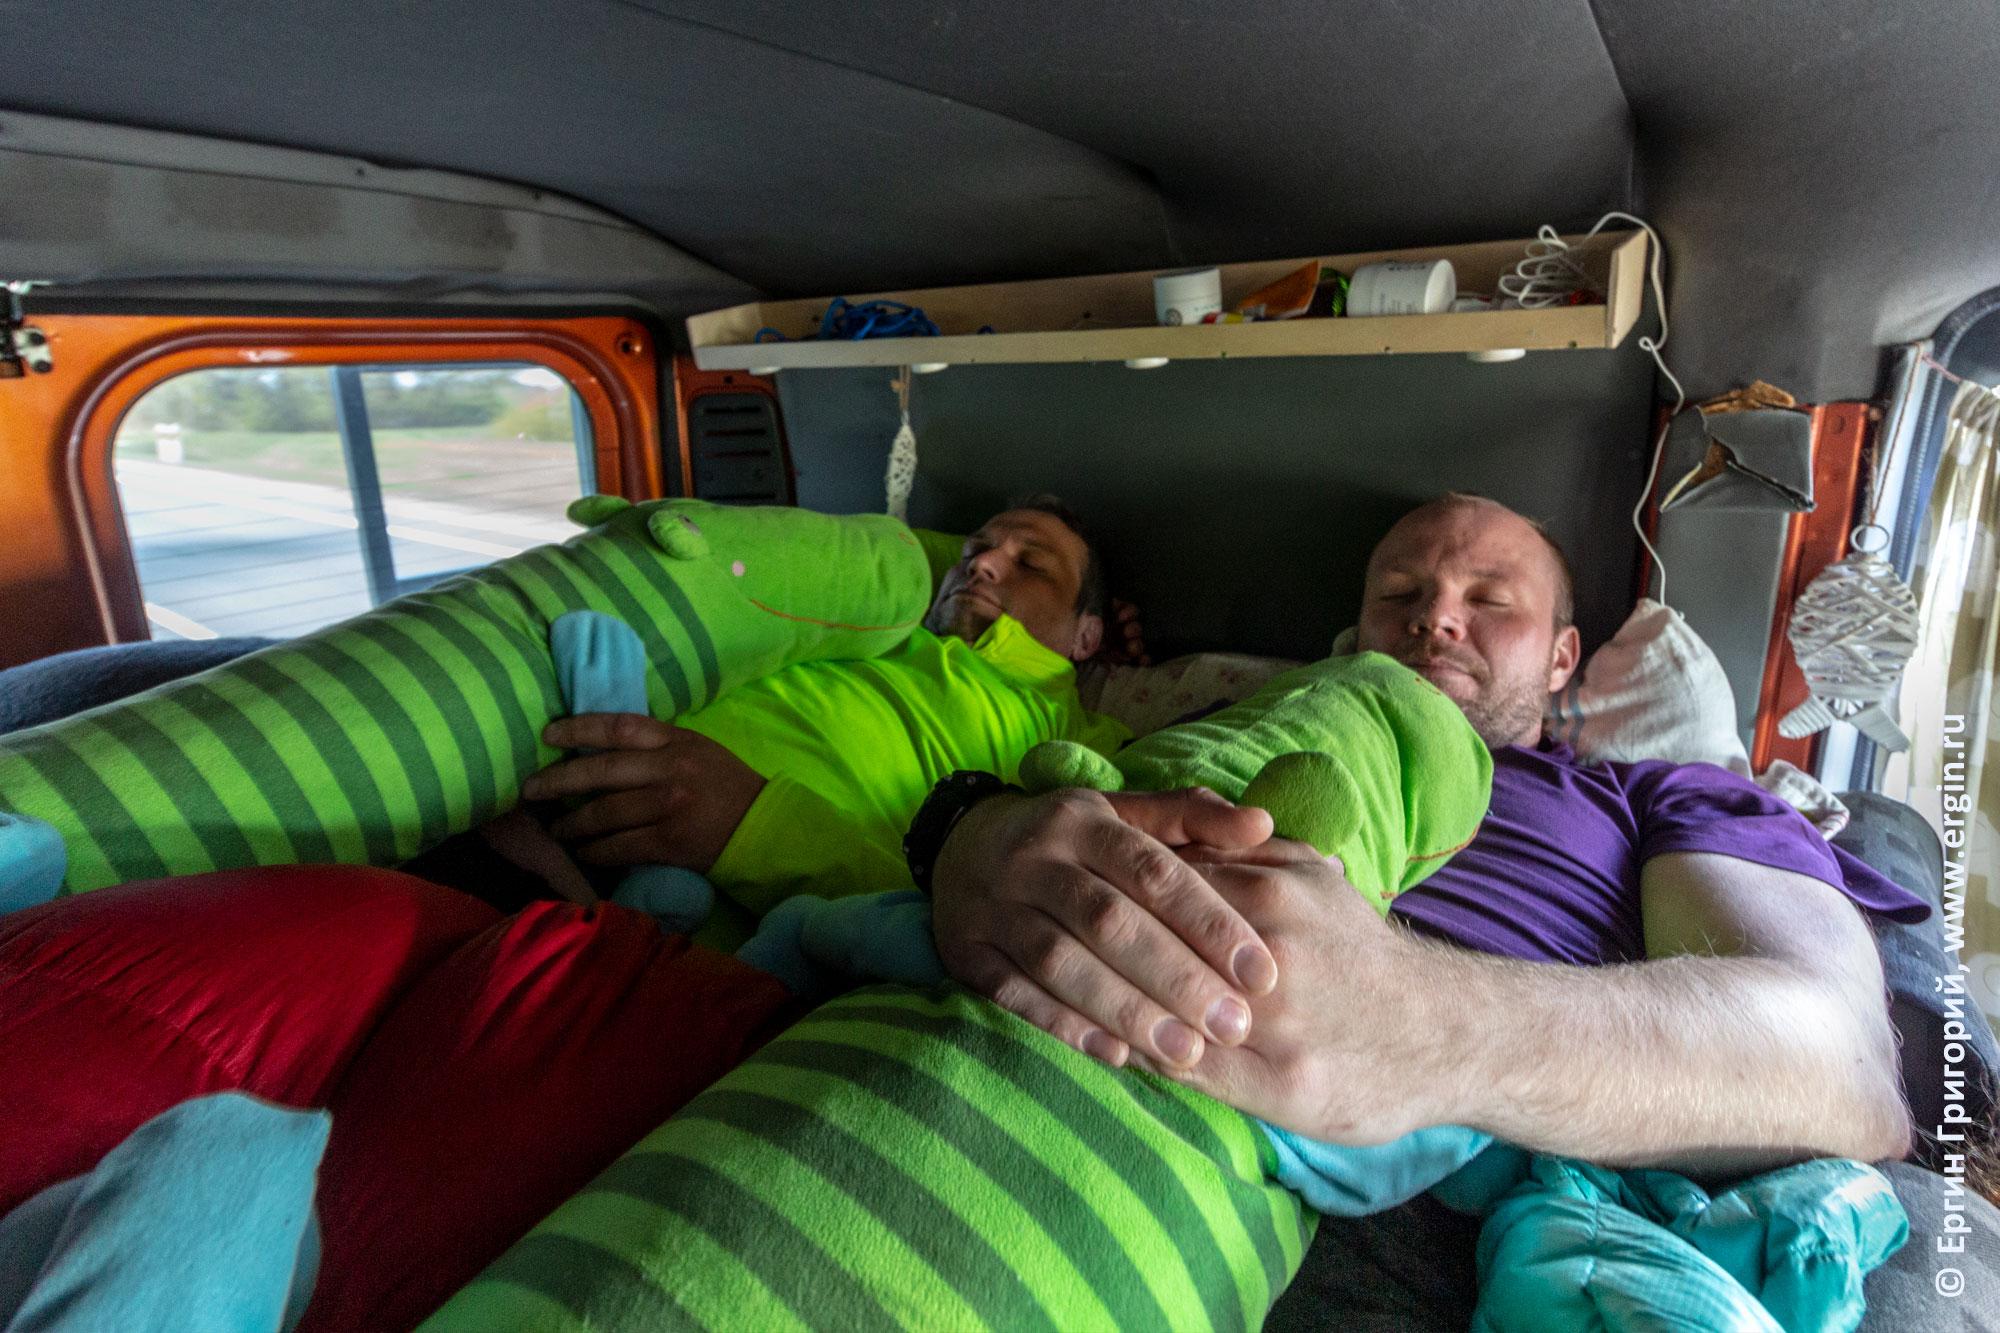 Каякеры спят в родеобасе автобусе